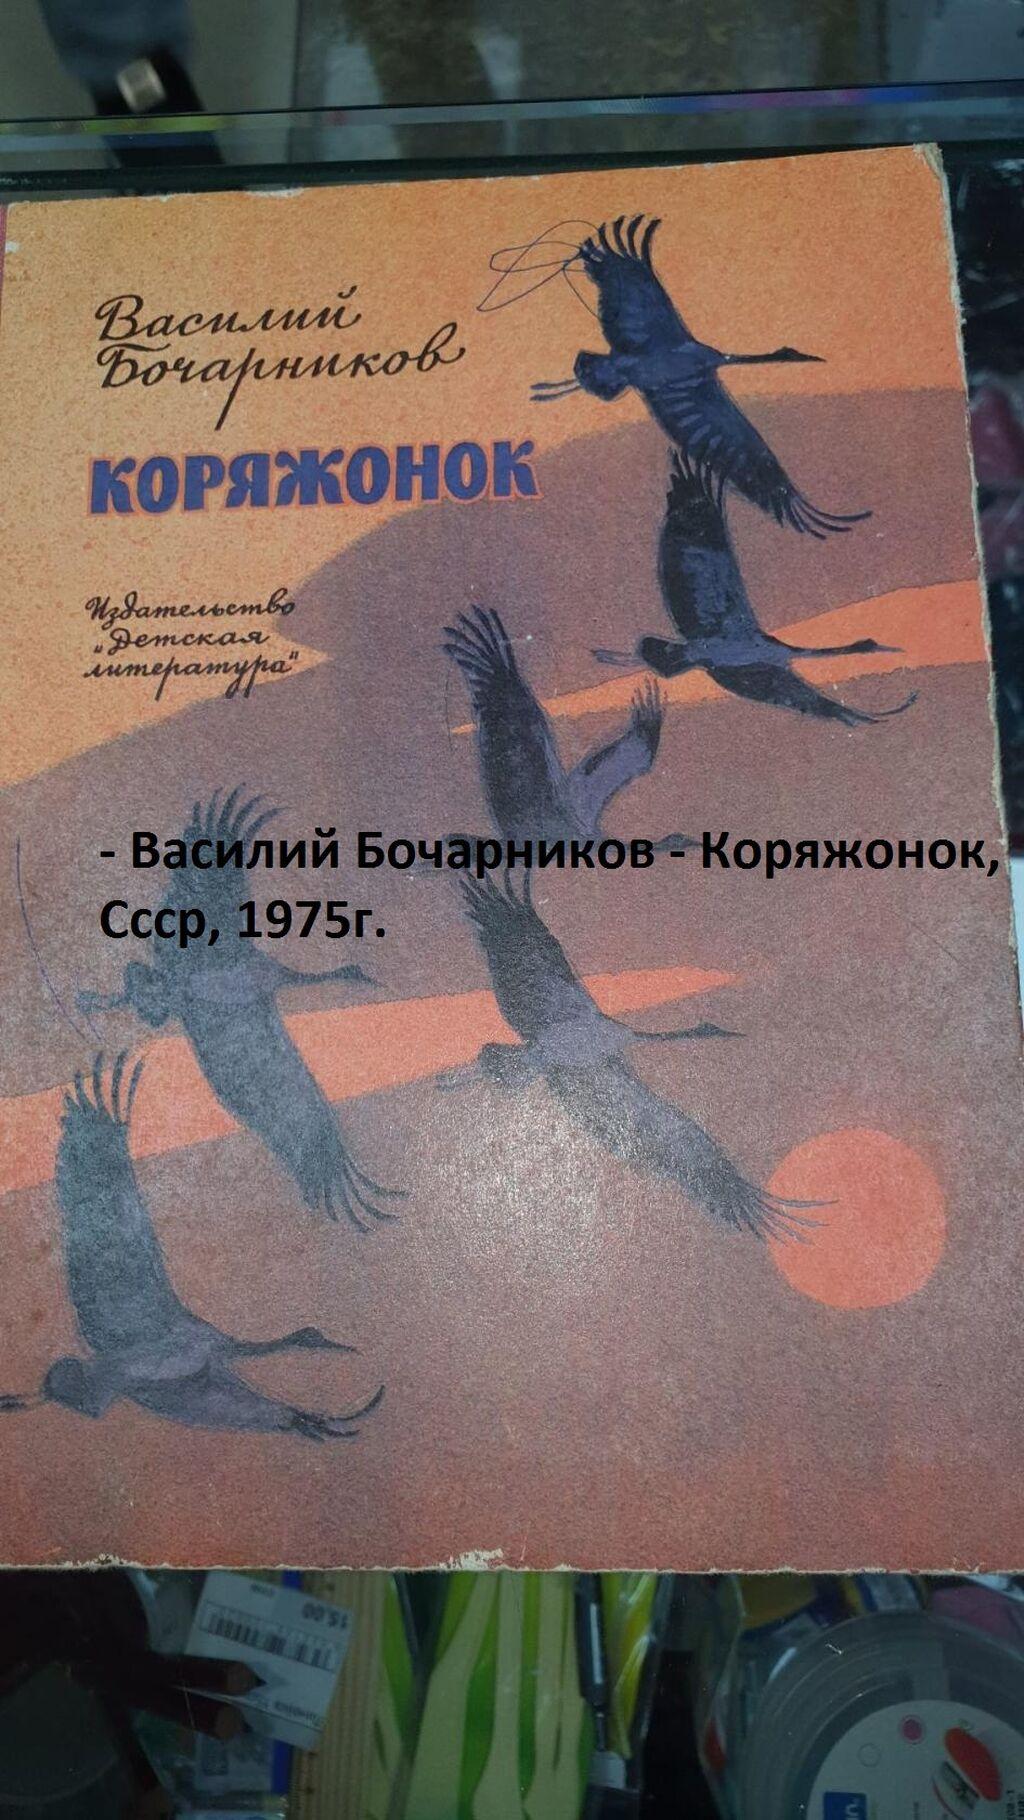 - Василий Бочарников - Коряжонок, Ссср, 1975г.    (Whatsapp): - Василий Бочарников - Коряжонок, Ссср, 1975г.    (Whatsapp)